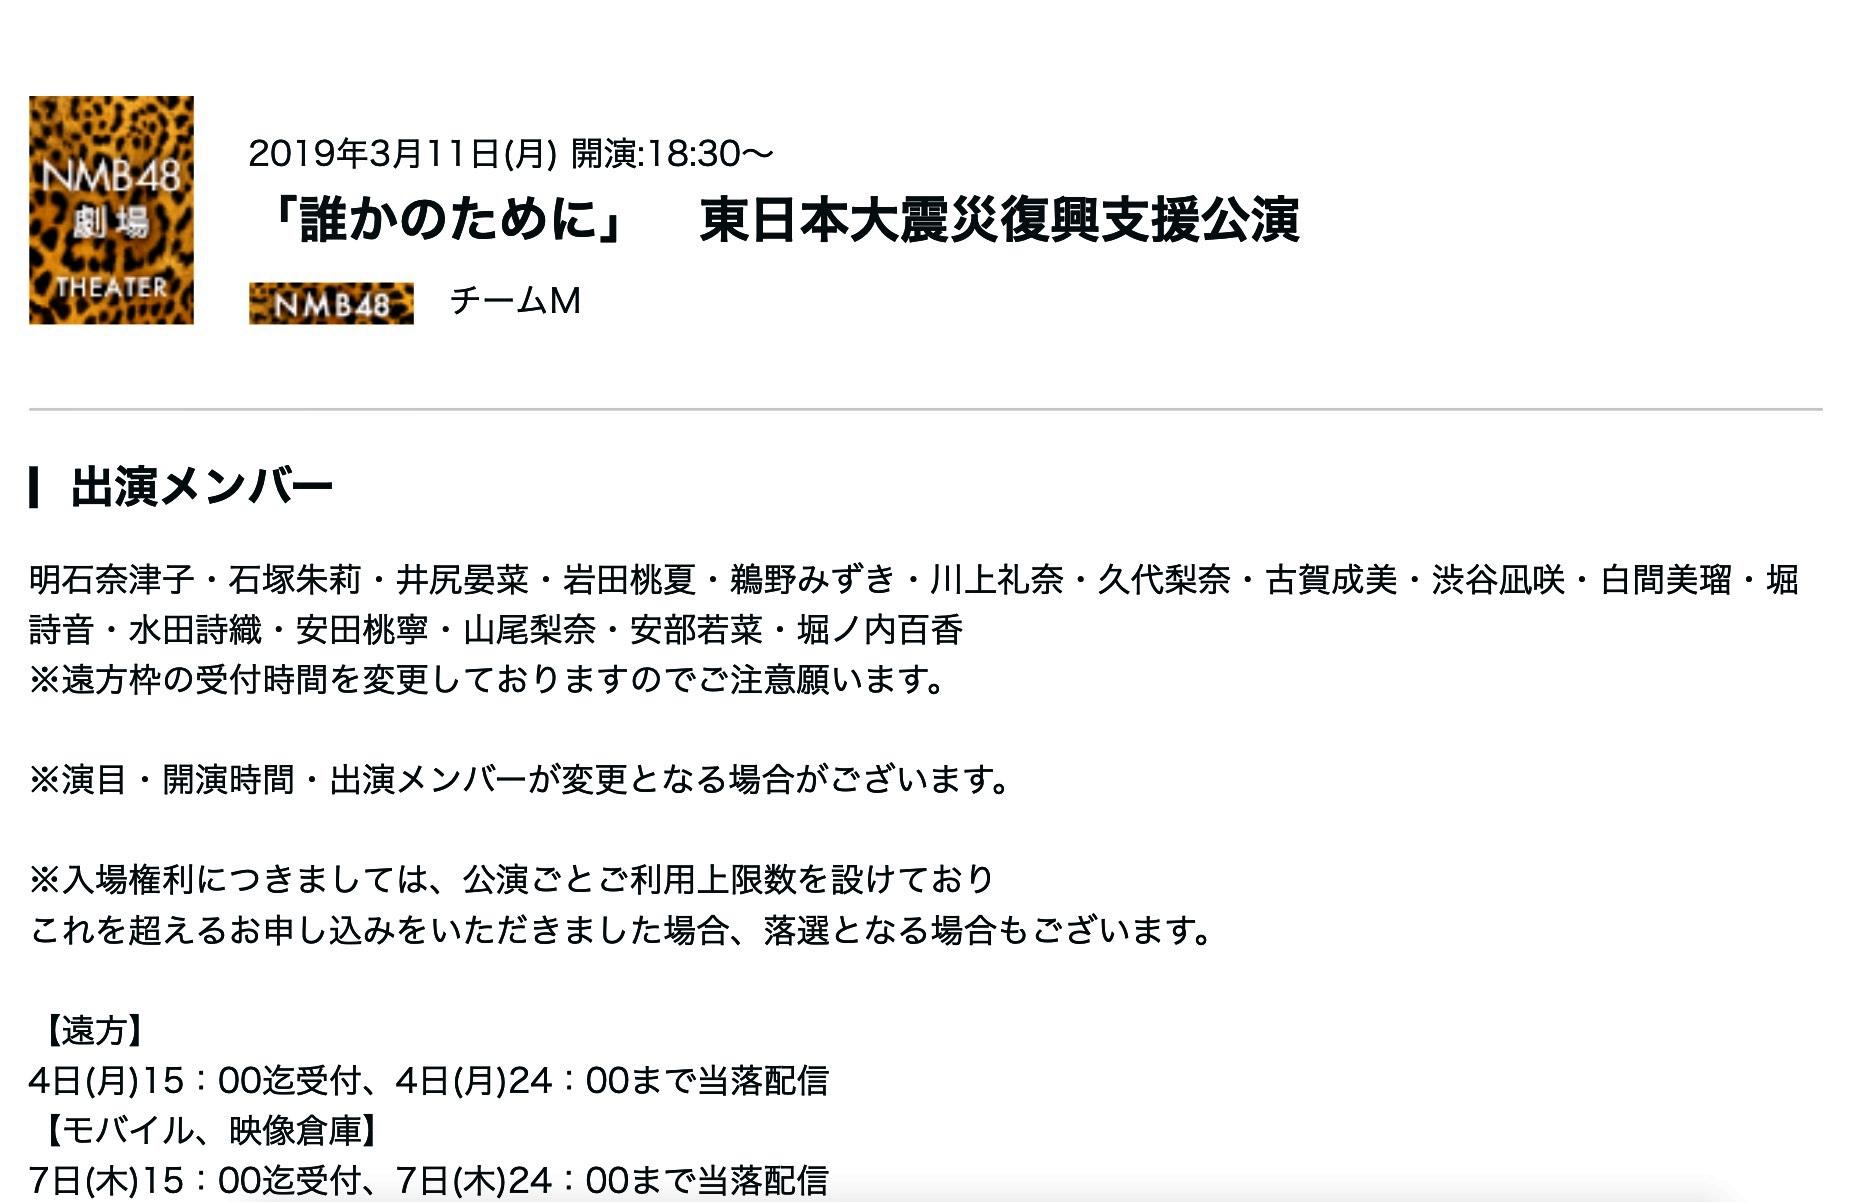 【堀ノ内百香】3月11日の東日本大震災復興支援公演・チームM「誰かのために」に6期生からももかが初出演。